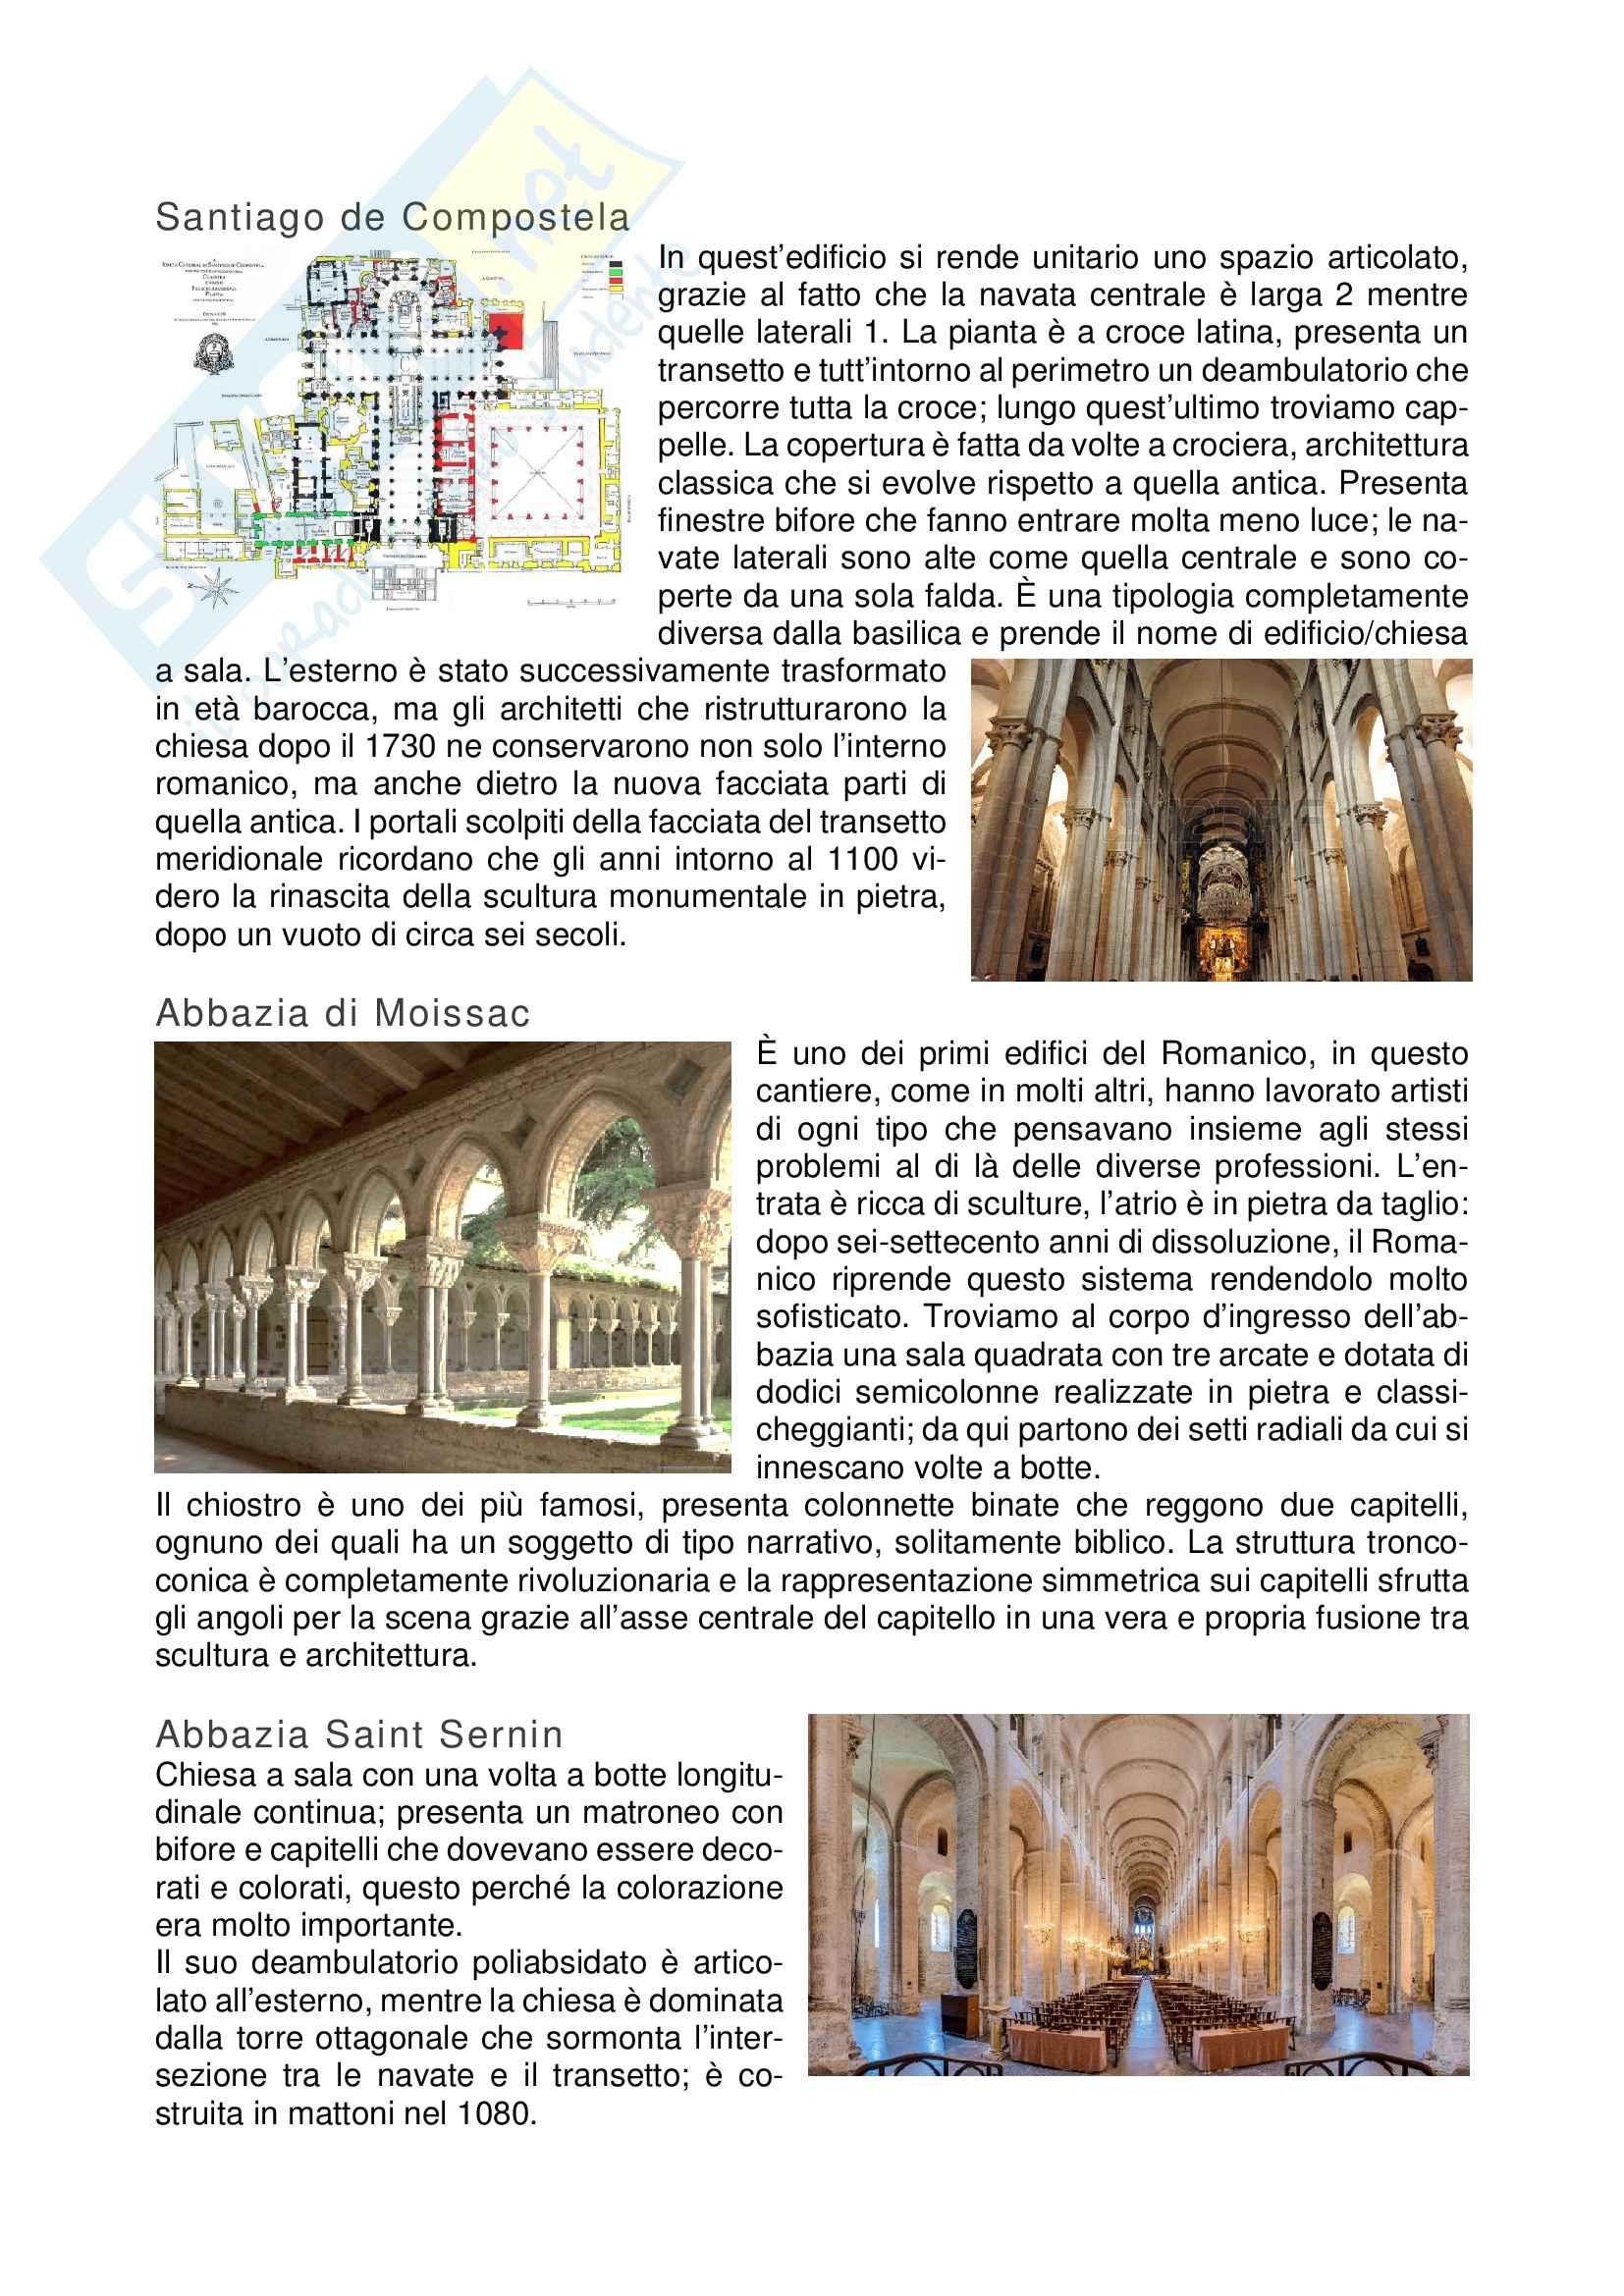 Storia dell'architettura 1 Pag. 36